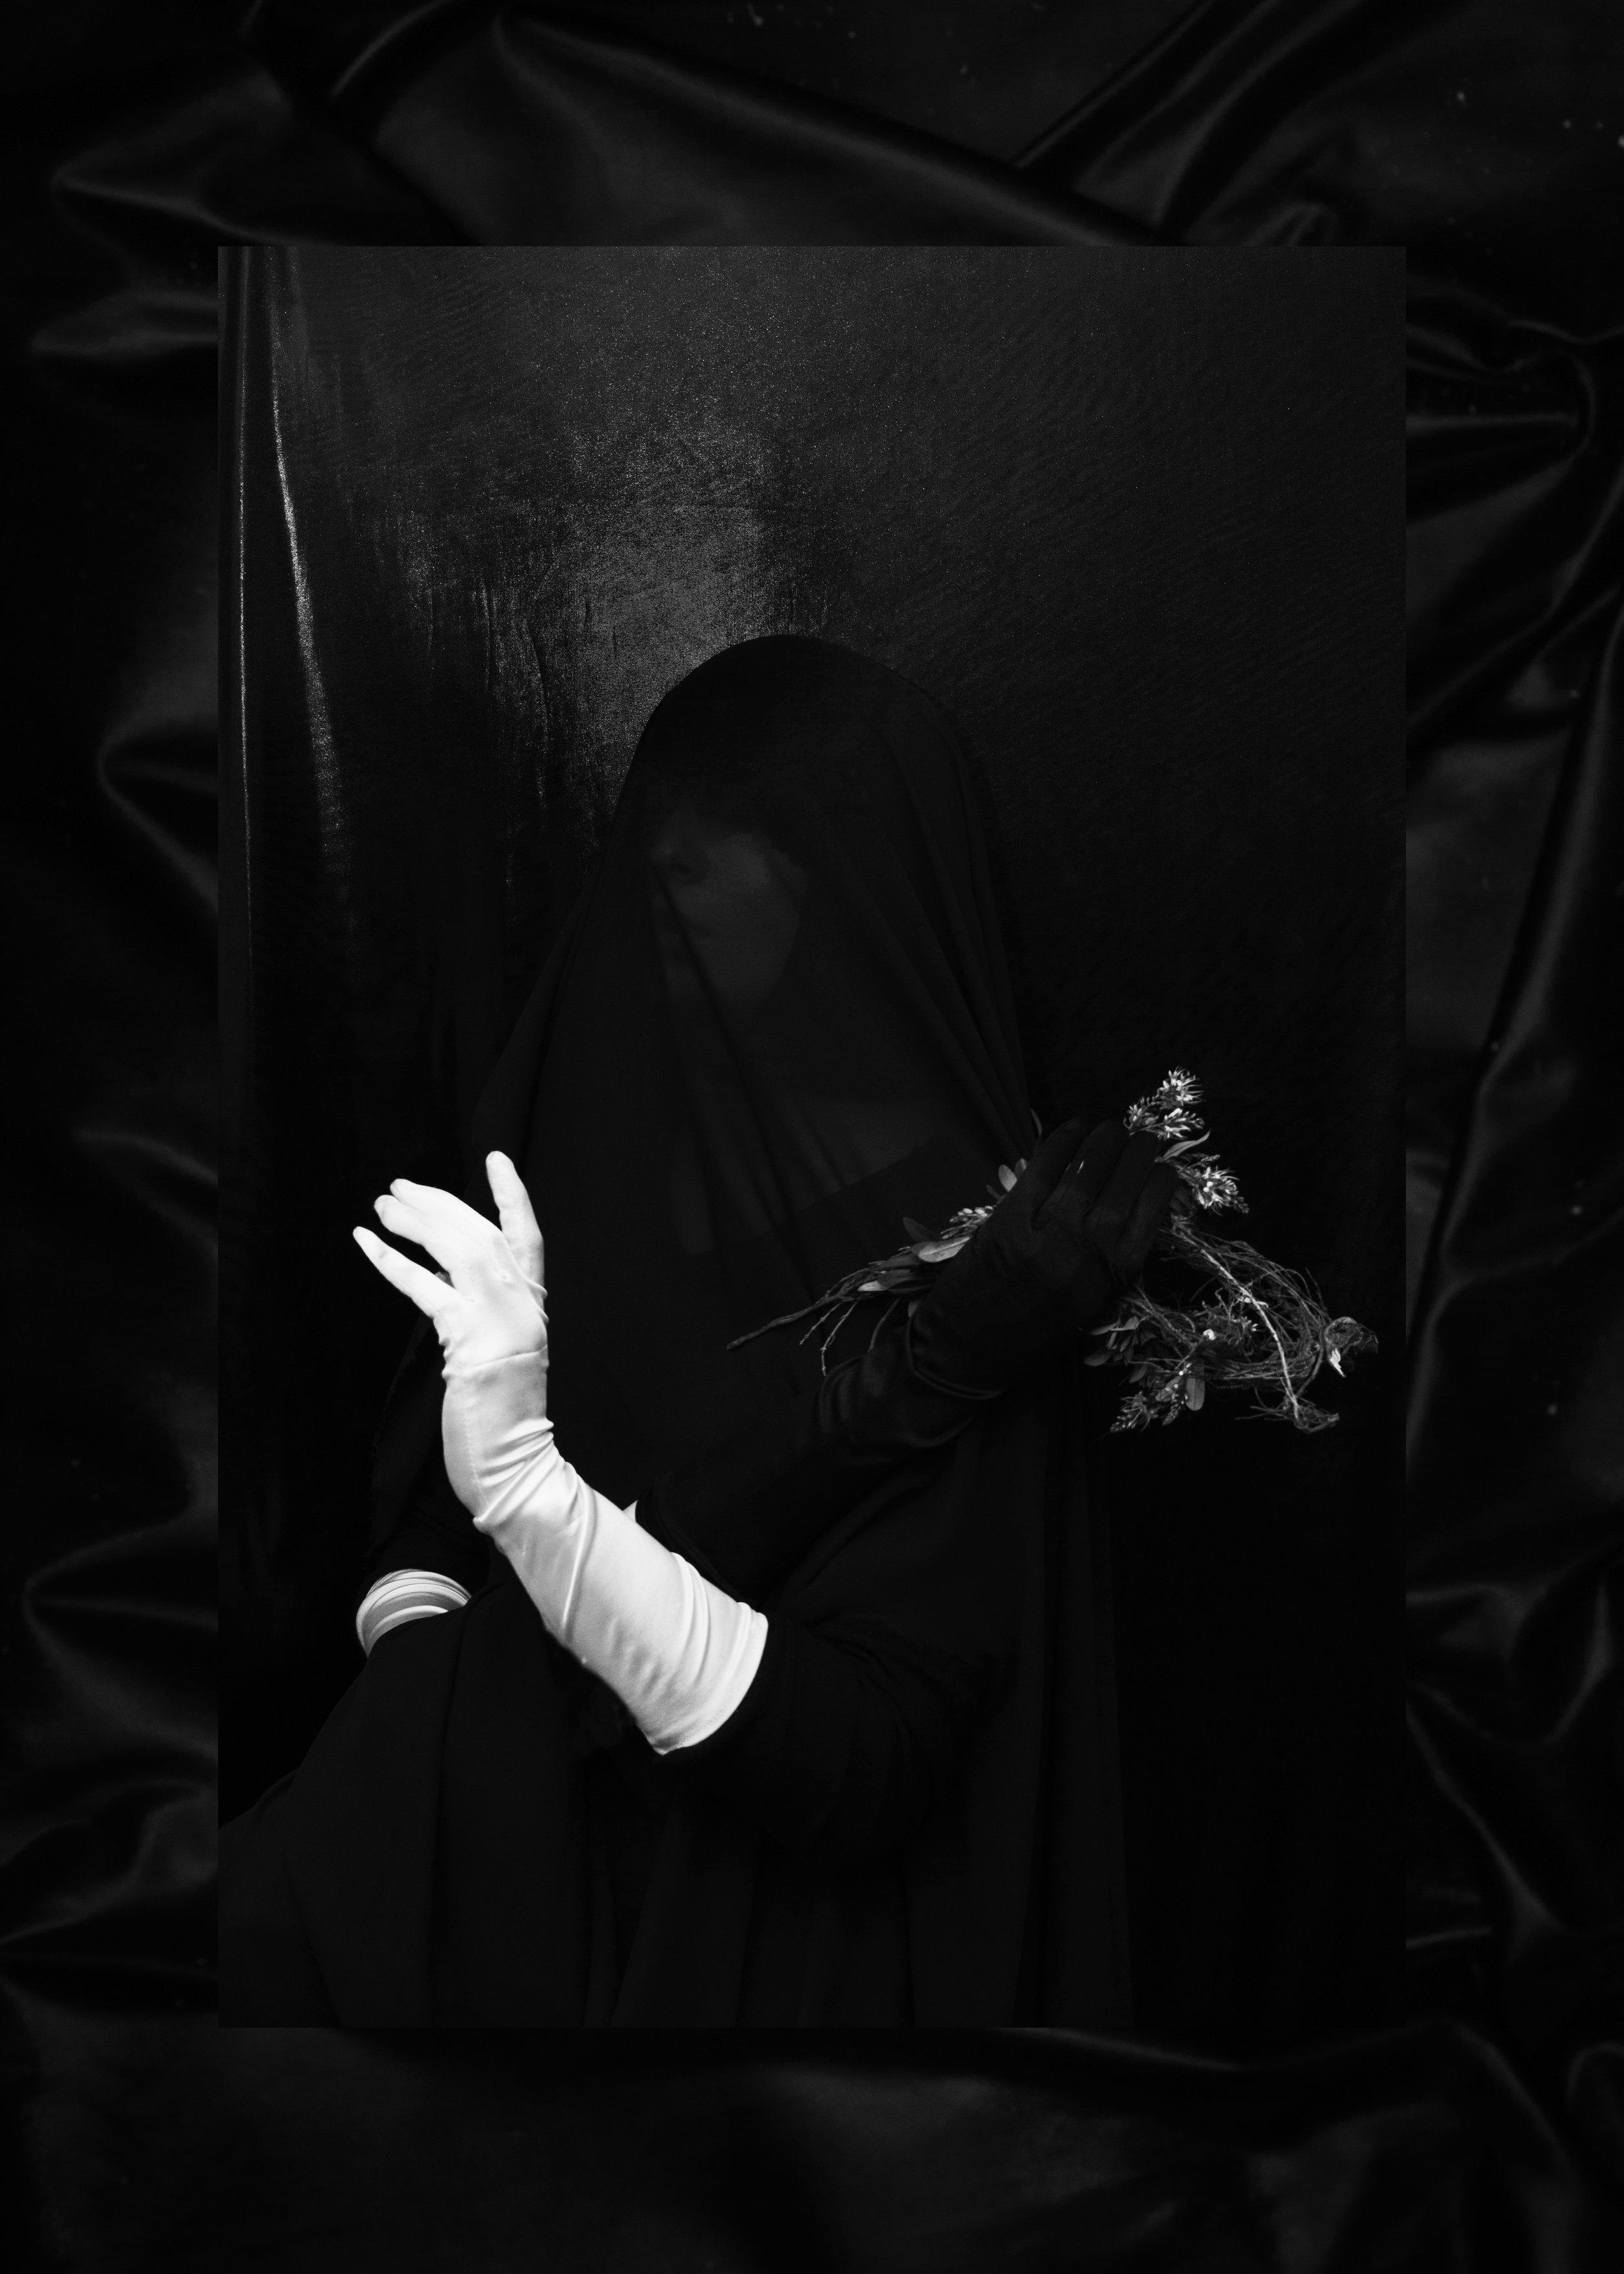 eerie blah black and white copy.jpg